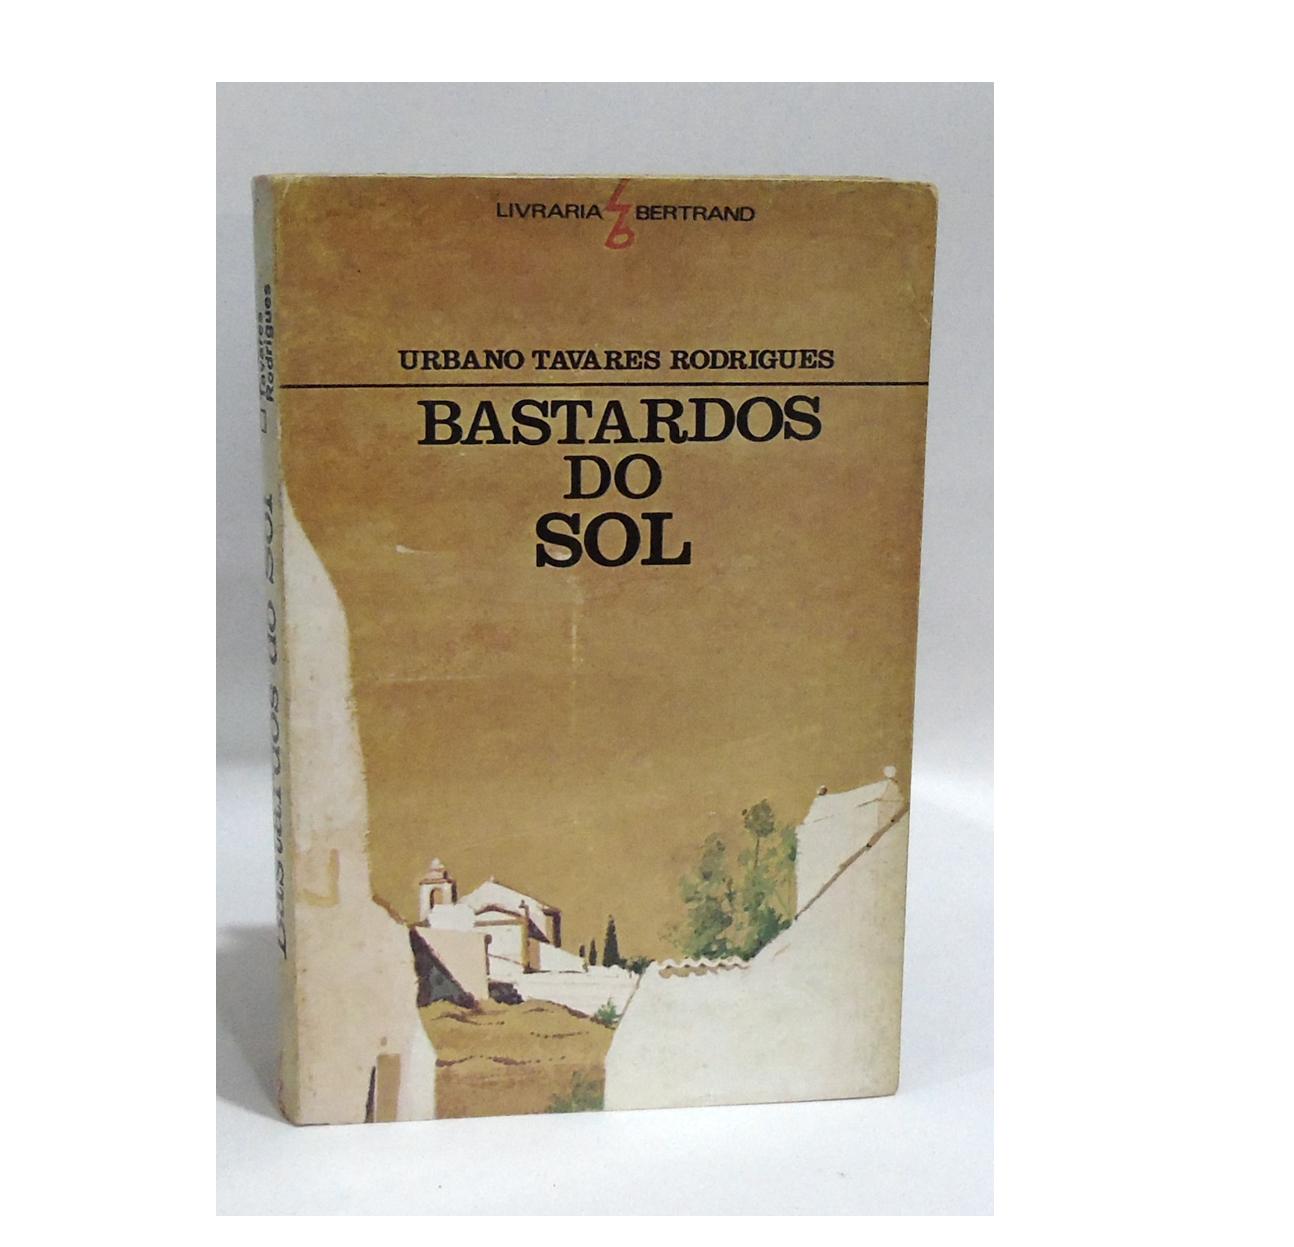 BASTARDOS DO SOL